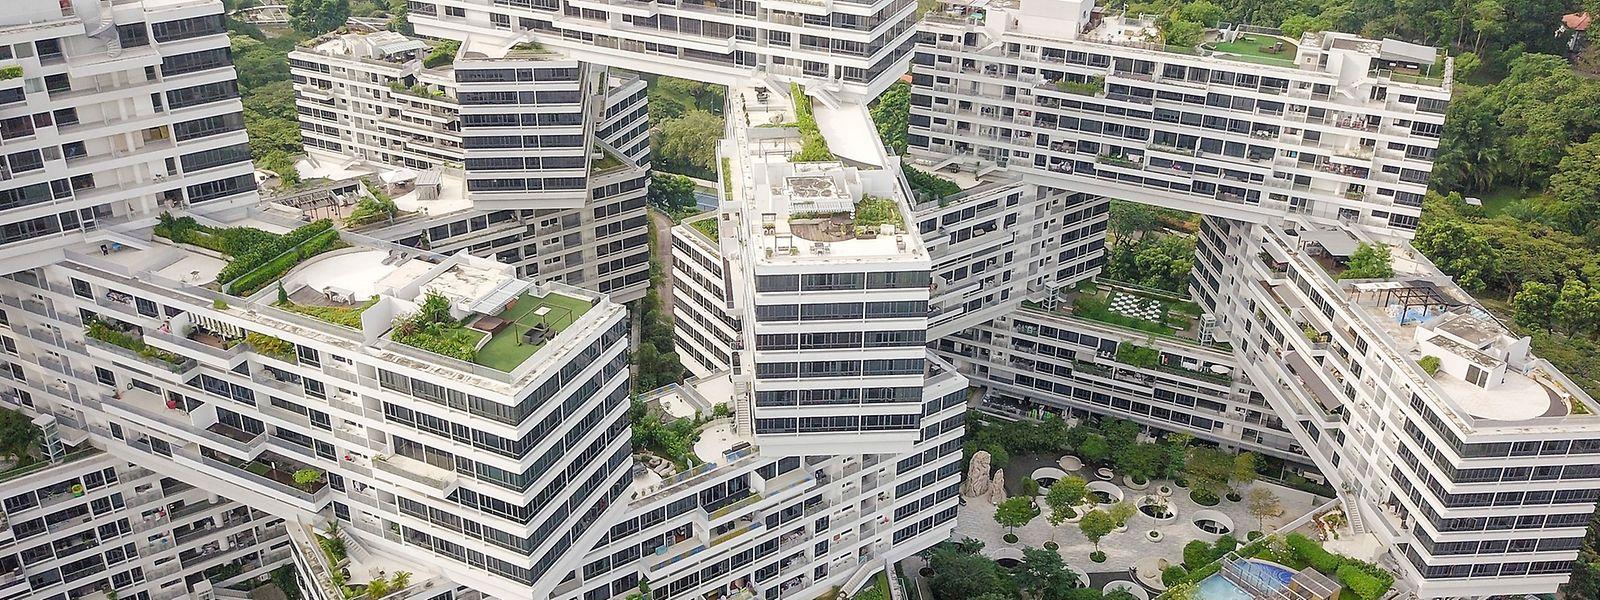 In asiatischen Städten ist Platz häufig eine Geldfrage. In Singapur entstand daher vor einigen Jahren der preisgekrönte Appartement-Komplex The Interlace mit kleinen und mittelgroßen Wohneinheiten.